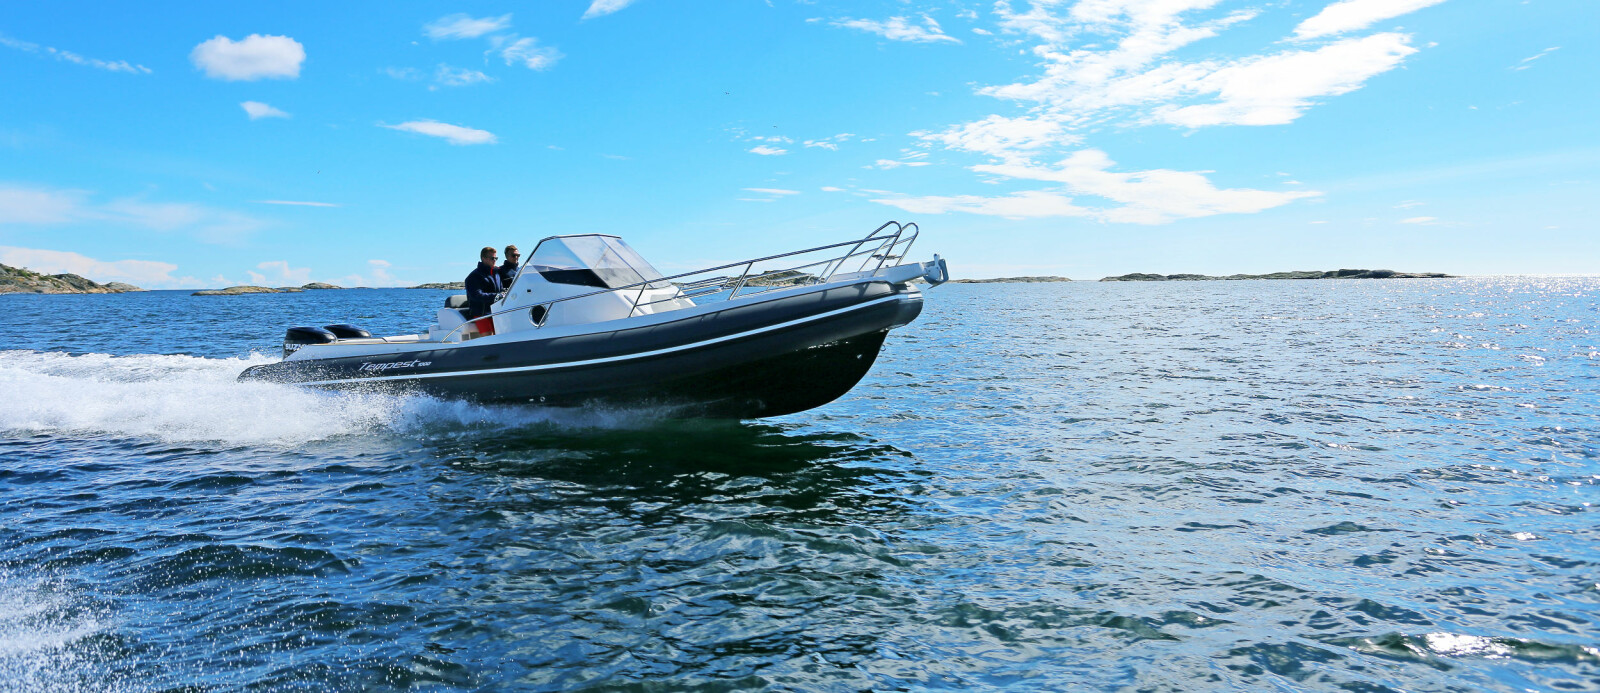 <b>RIKTIG MOTOR:</b> To 300-hestere passer båten godt. 30 knop er trivselsfart du stort sett kan holde uansett forhold.